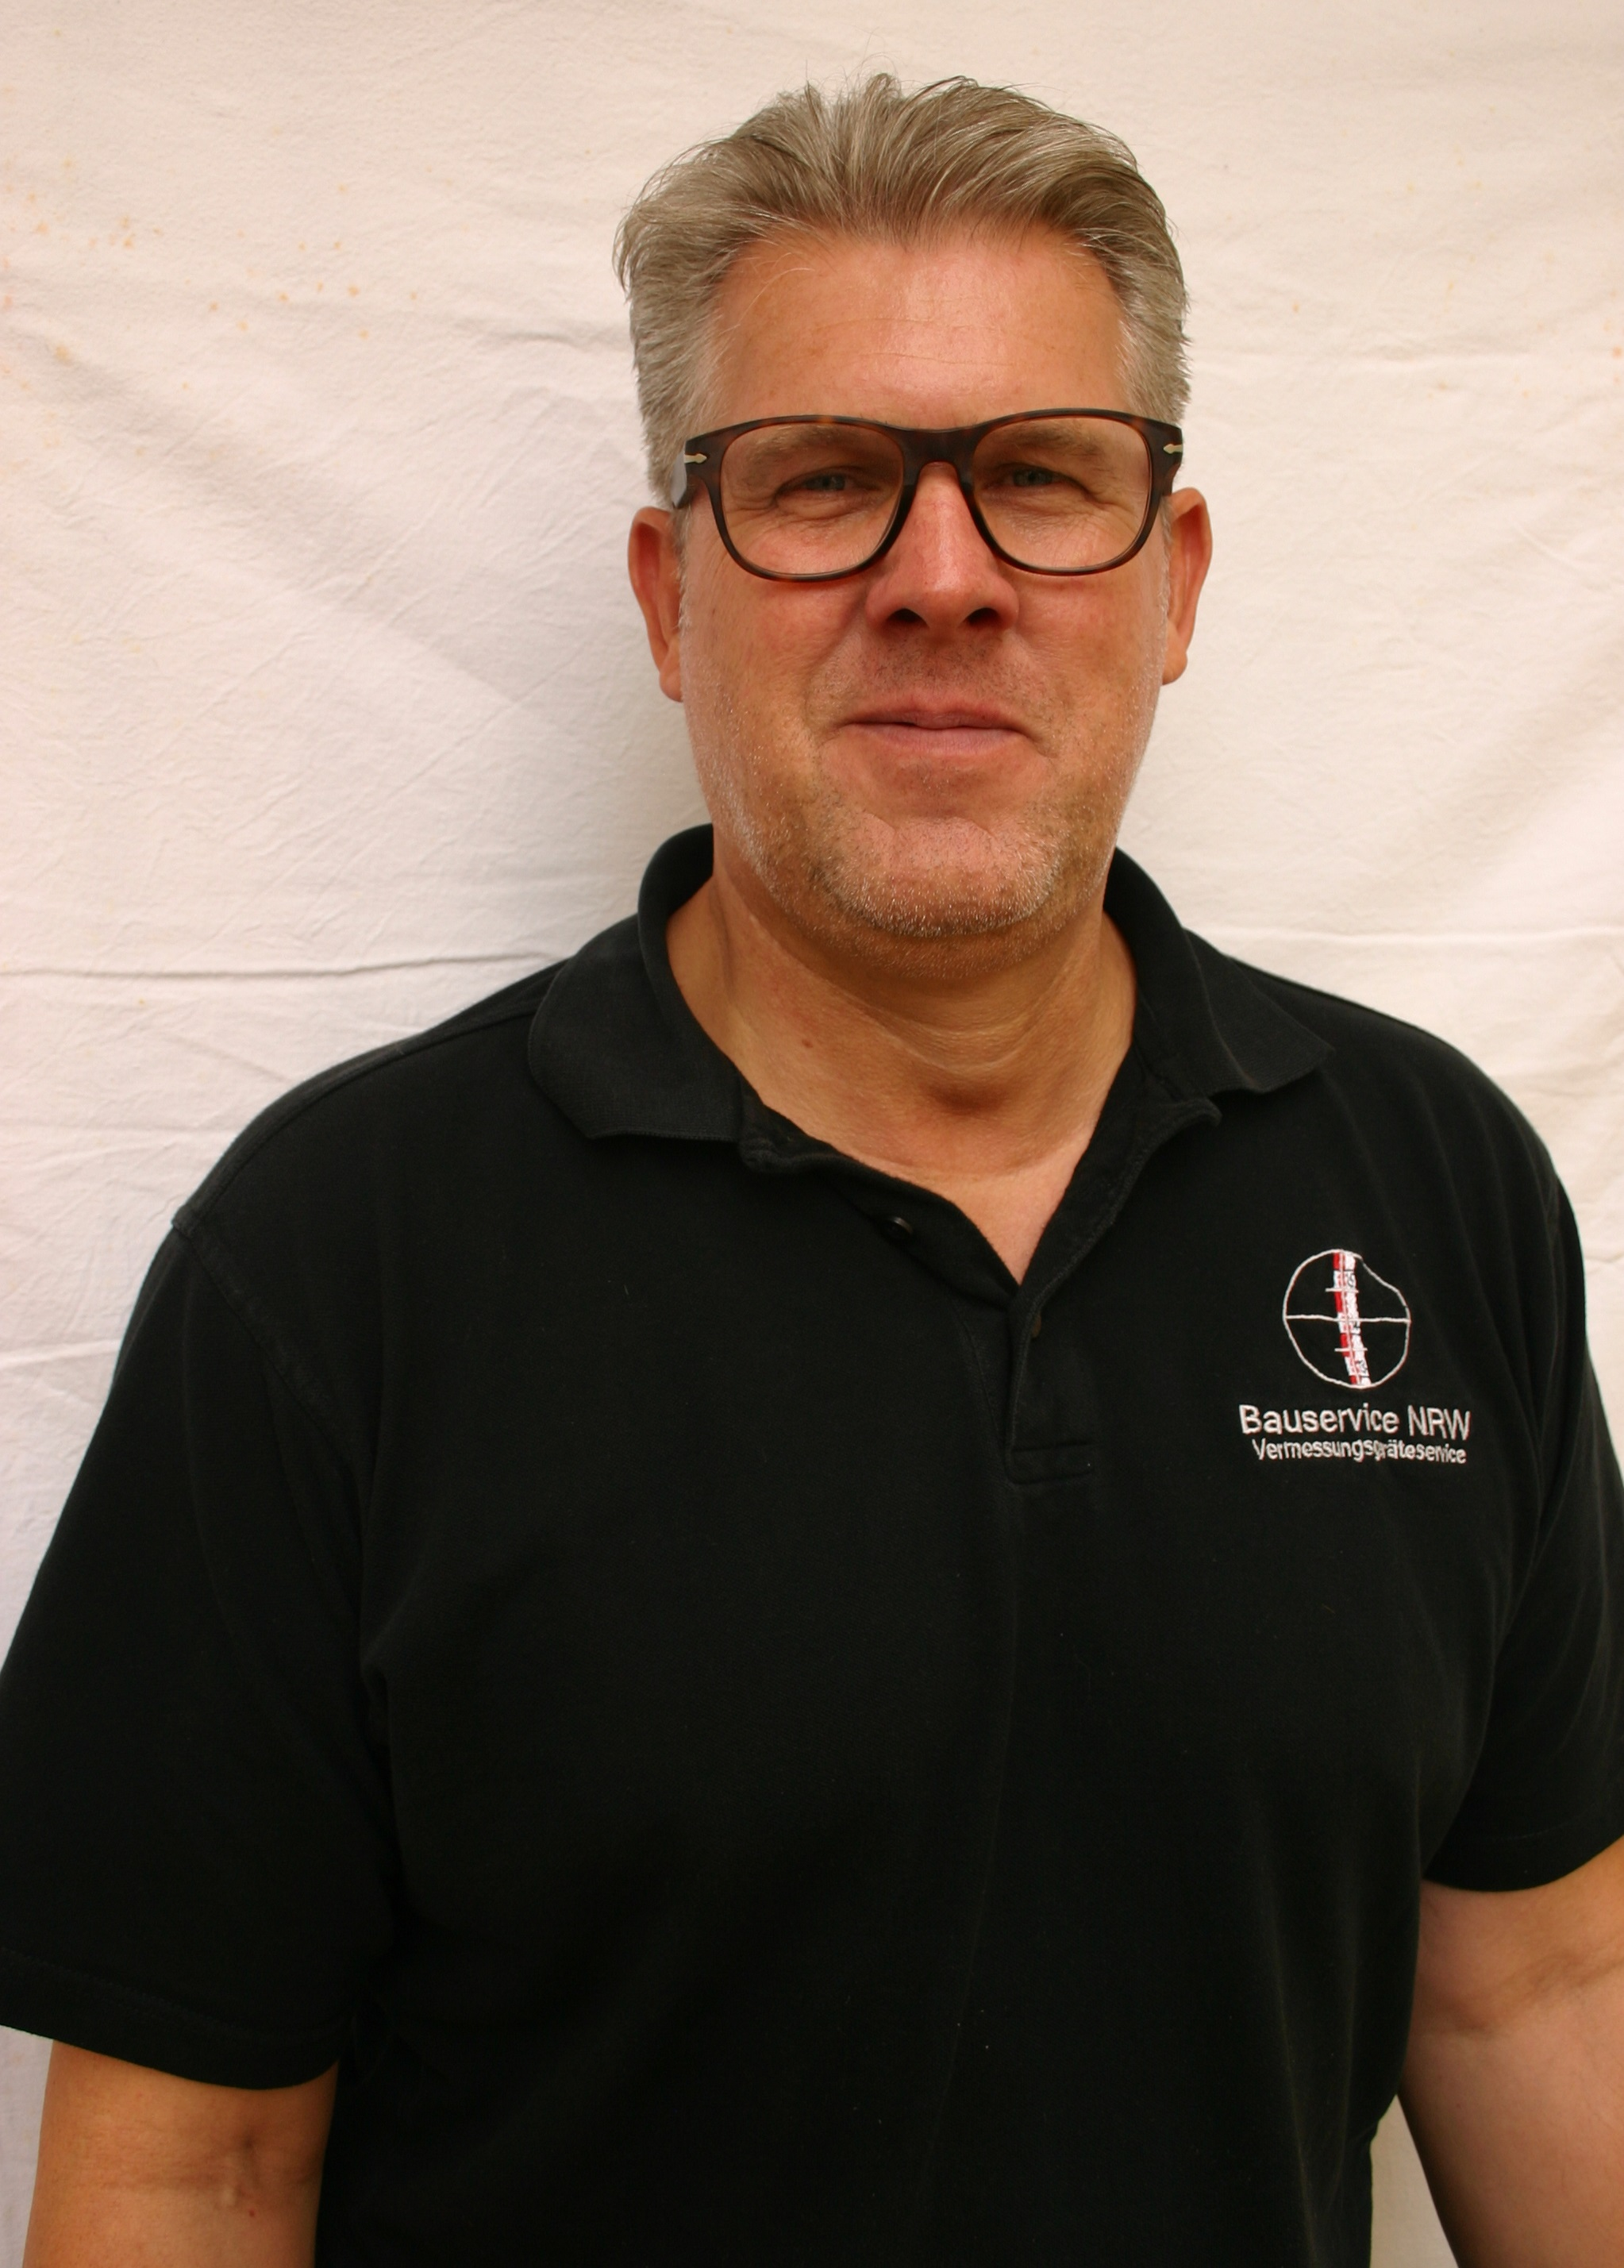 Holger Granderath